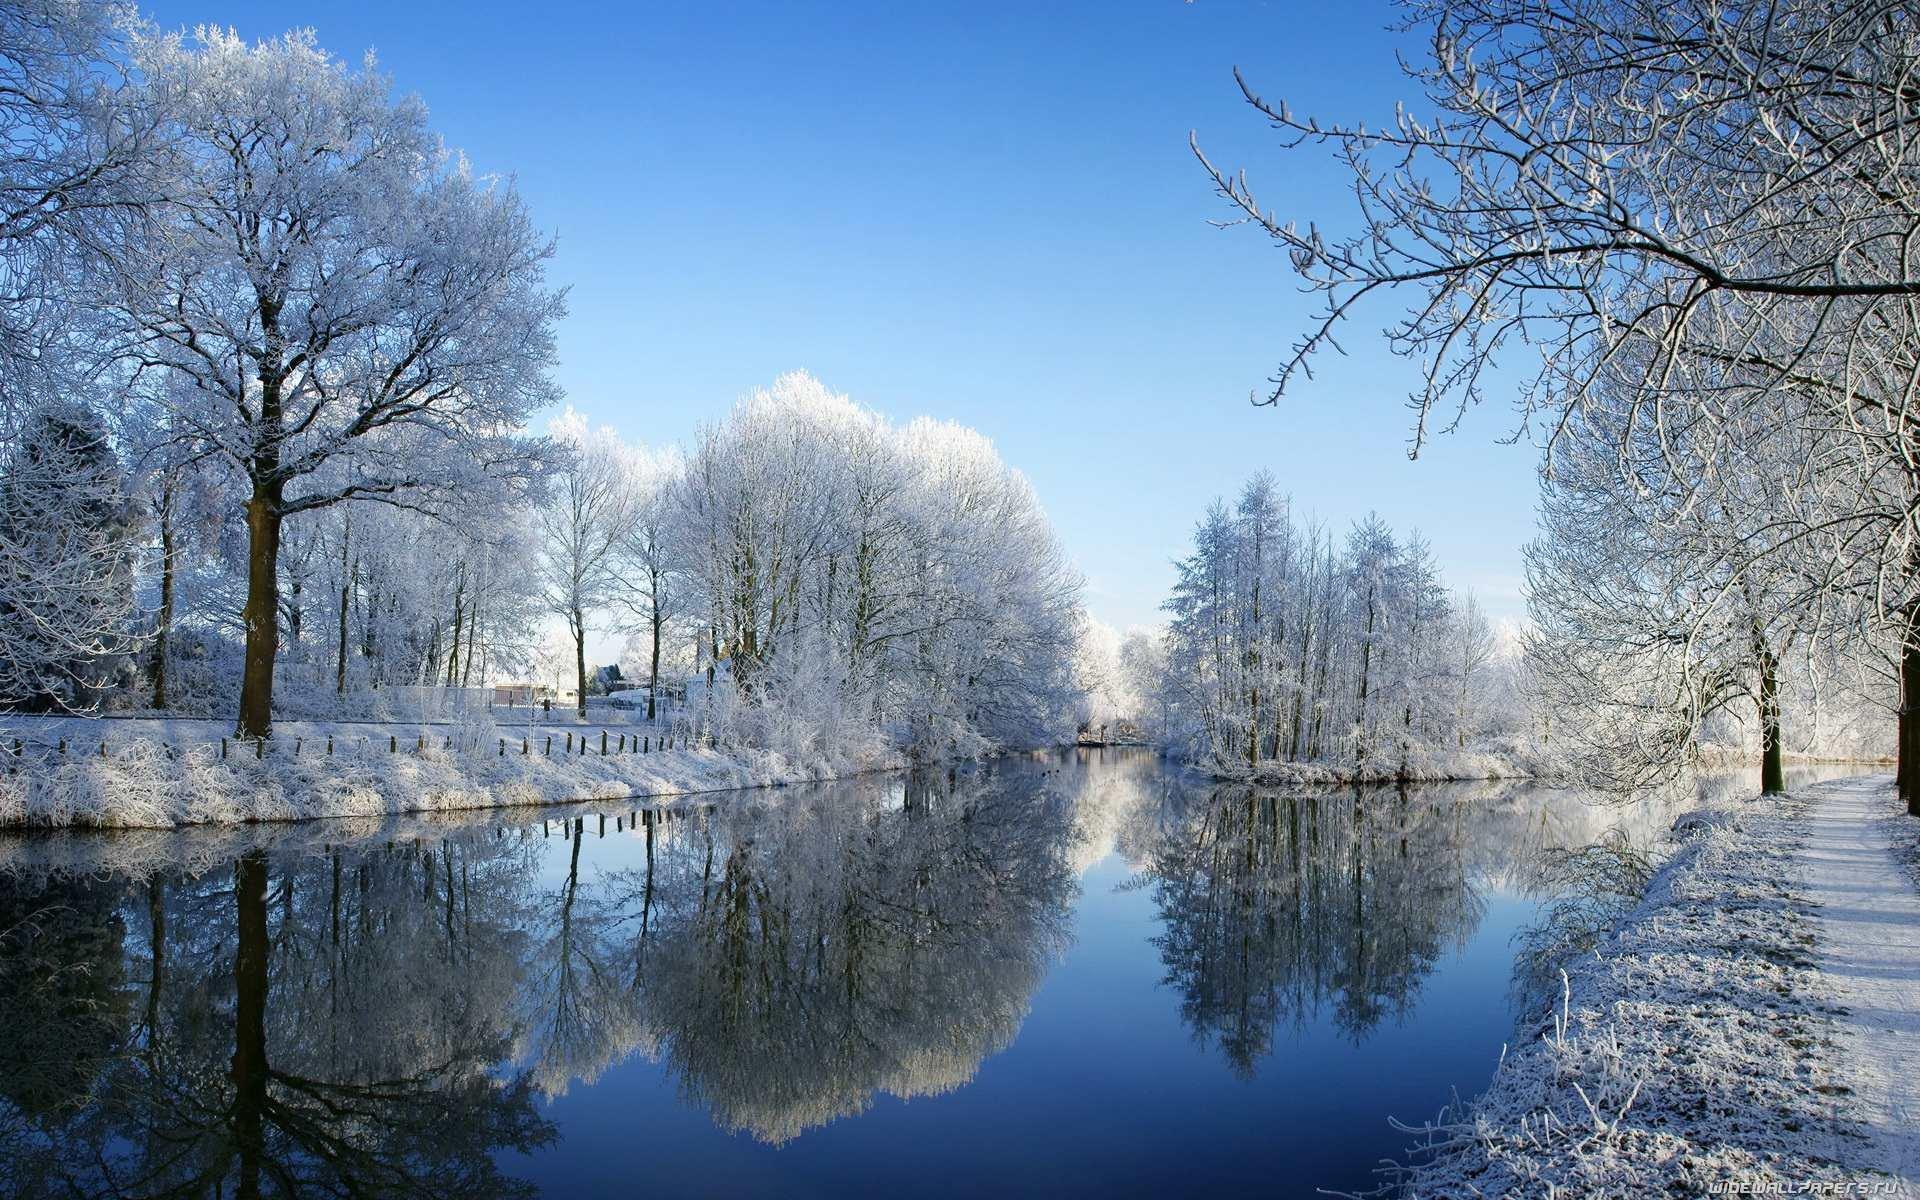 фотографии с зимними пейзажами ветеринарной медицине